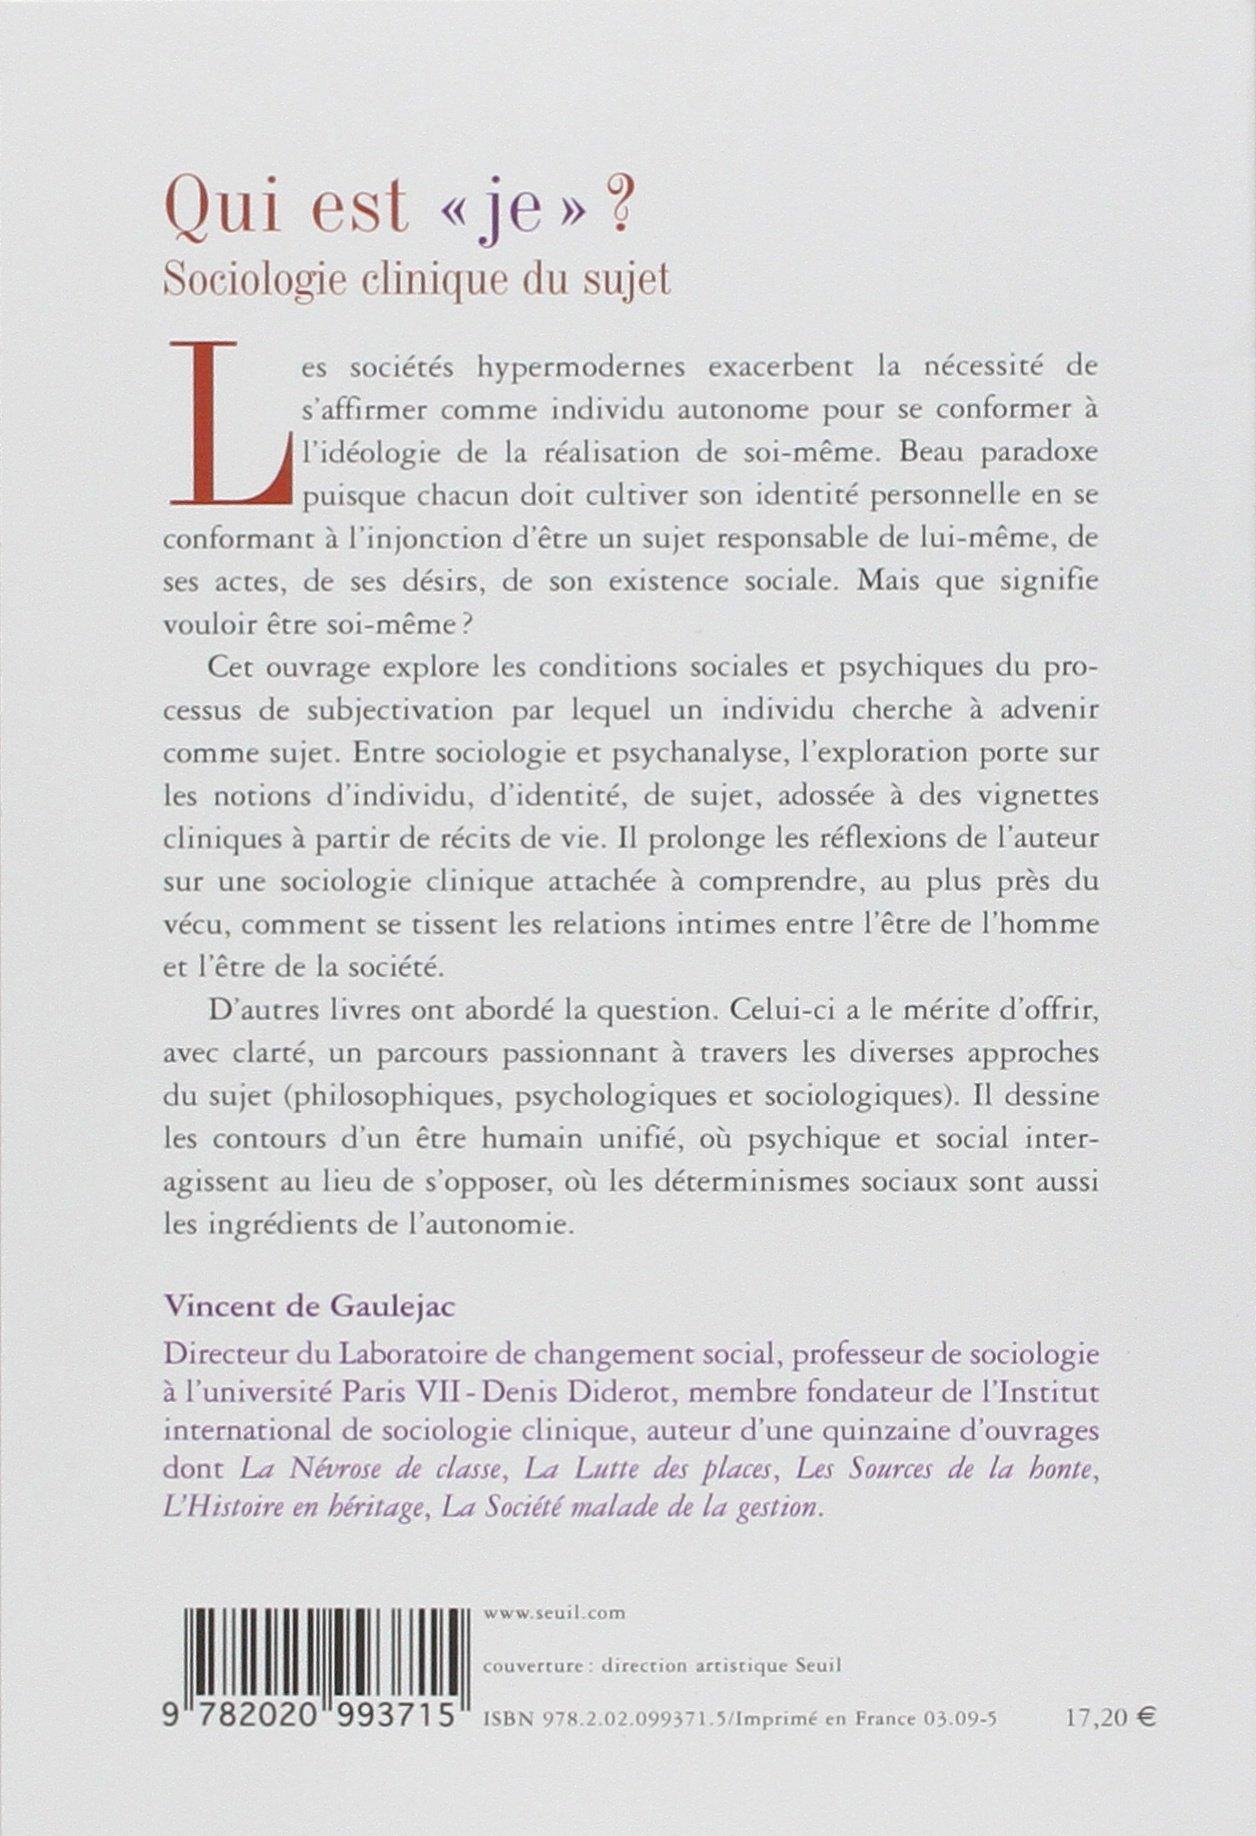 Sociologie clinique du sujet: Vincent de Gaulejac: 9782020993715: Amazon.com: Books